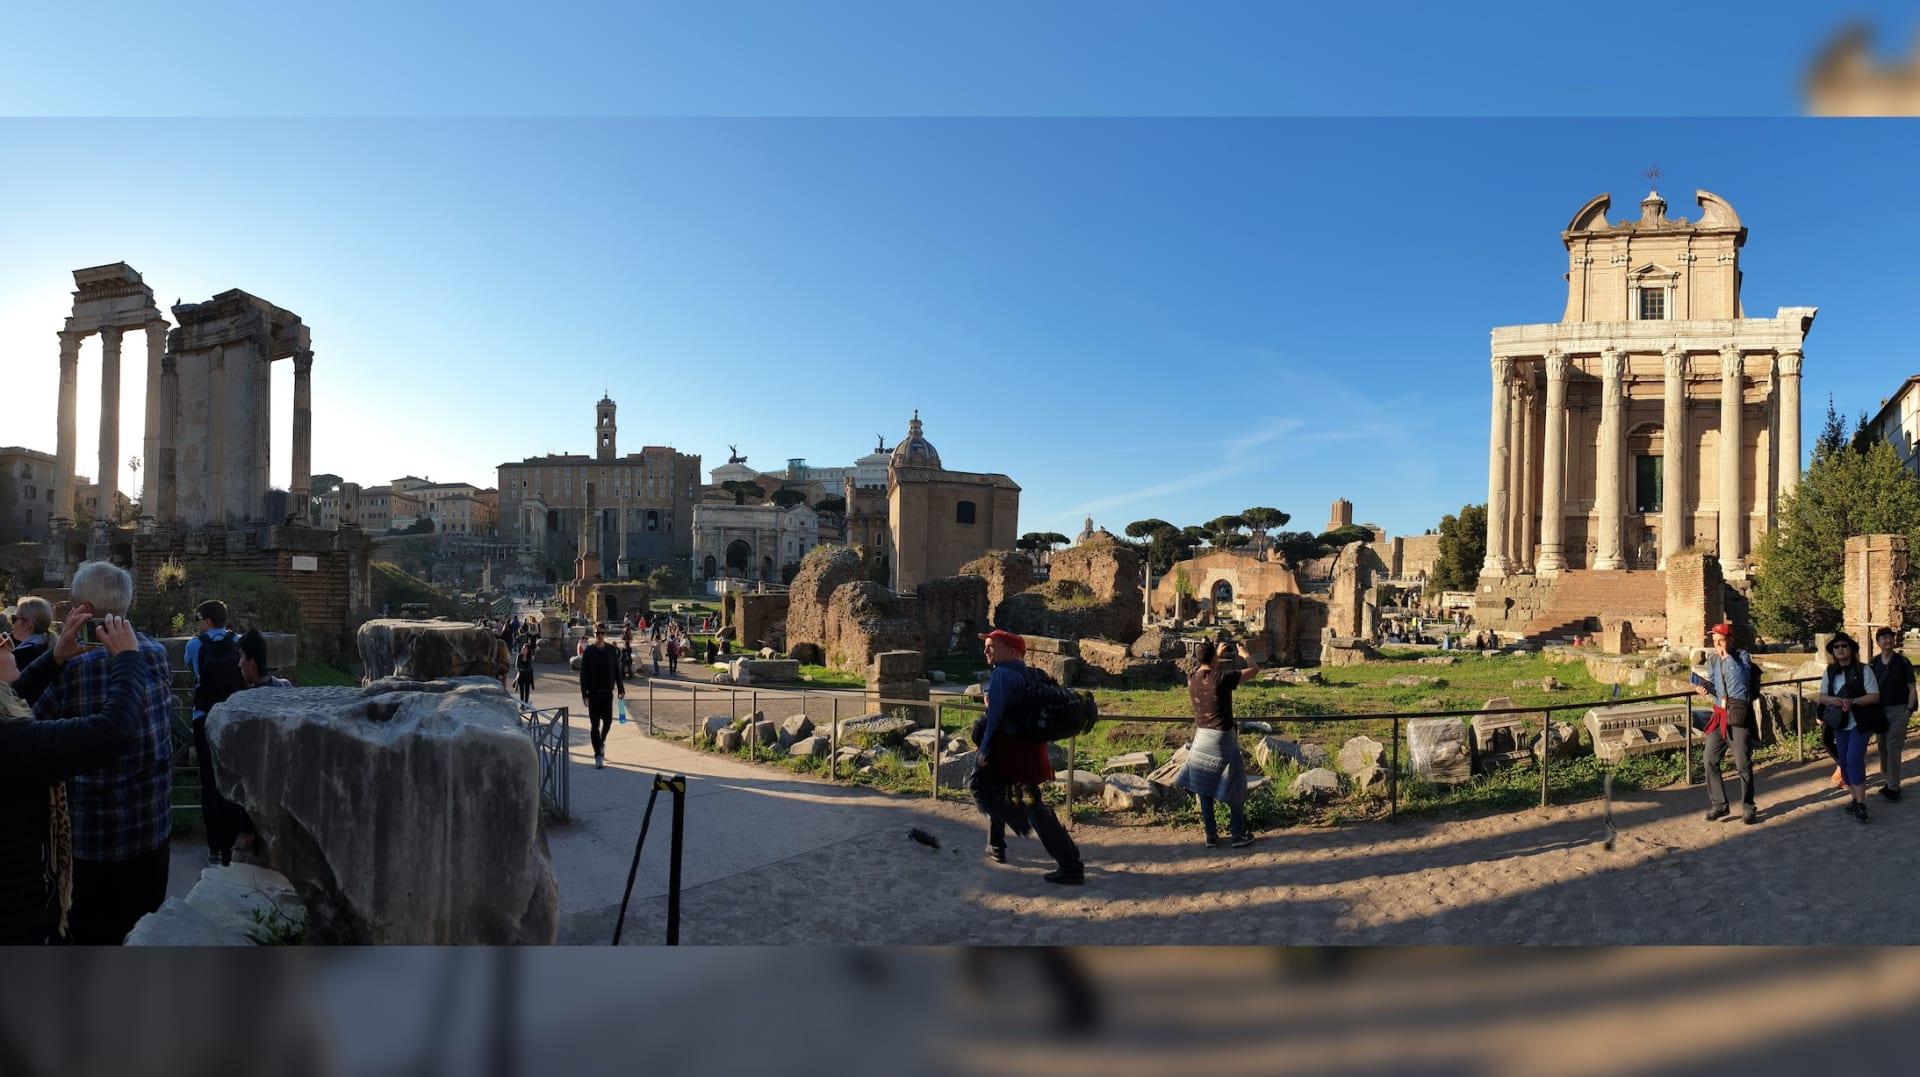 أجمل الأماكن التي يمكنك زيارتها في روما - المنتدى الروماني